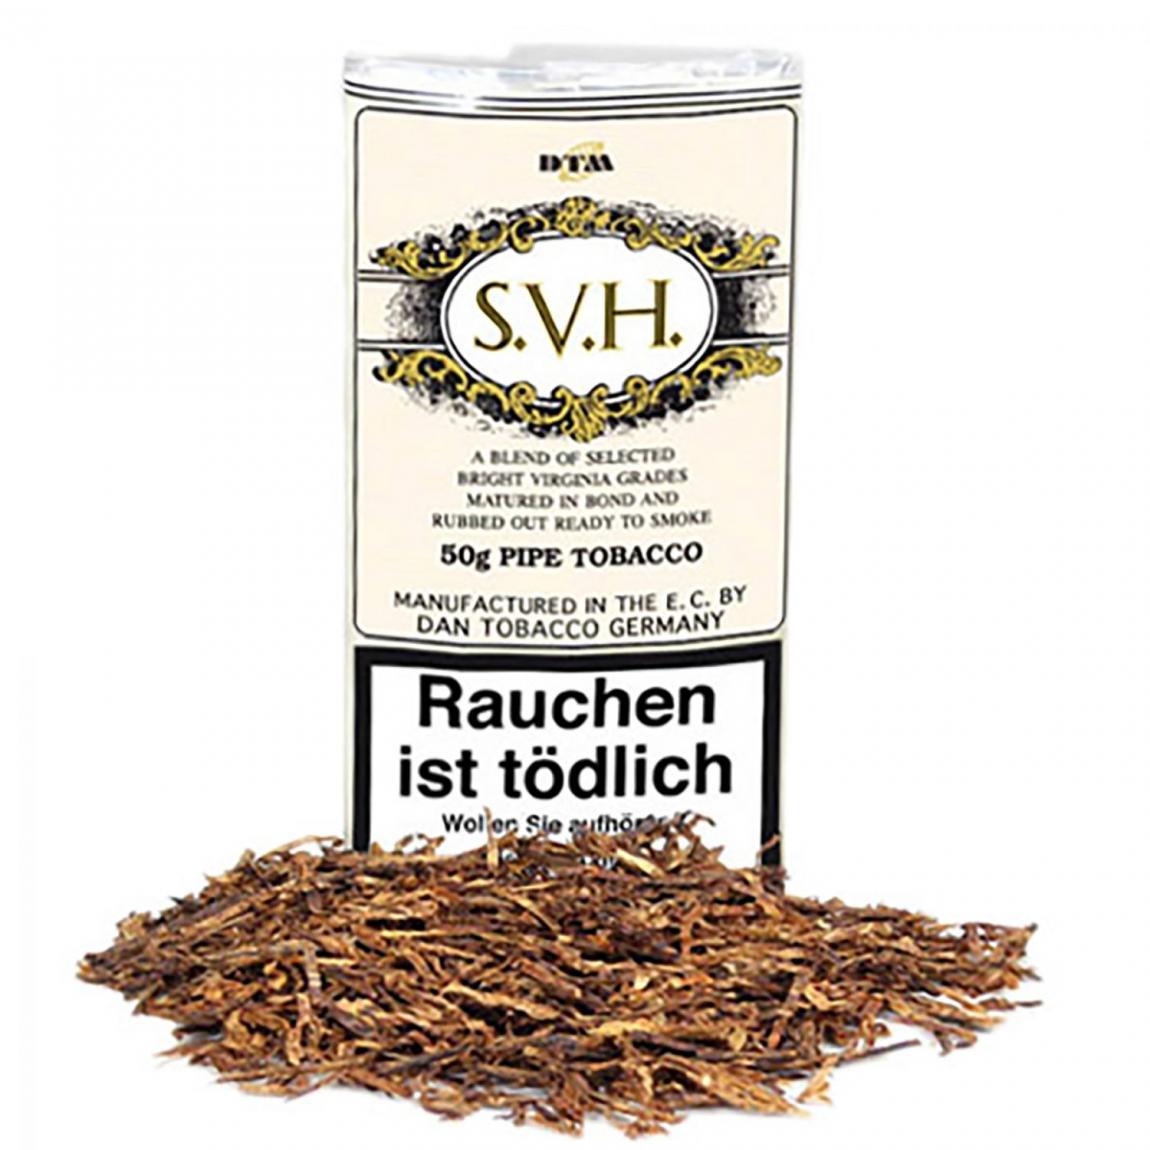 S.V.H. Pipe Tobacco - meisterliche Mixtur, natürliche Süße & Vanille